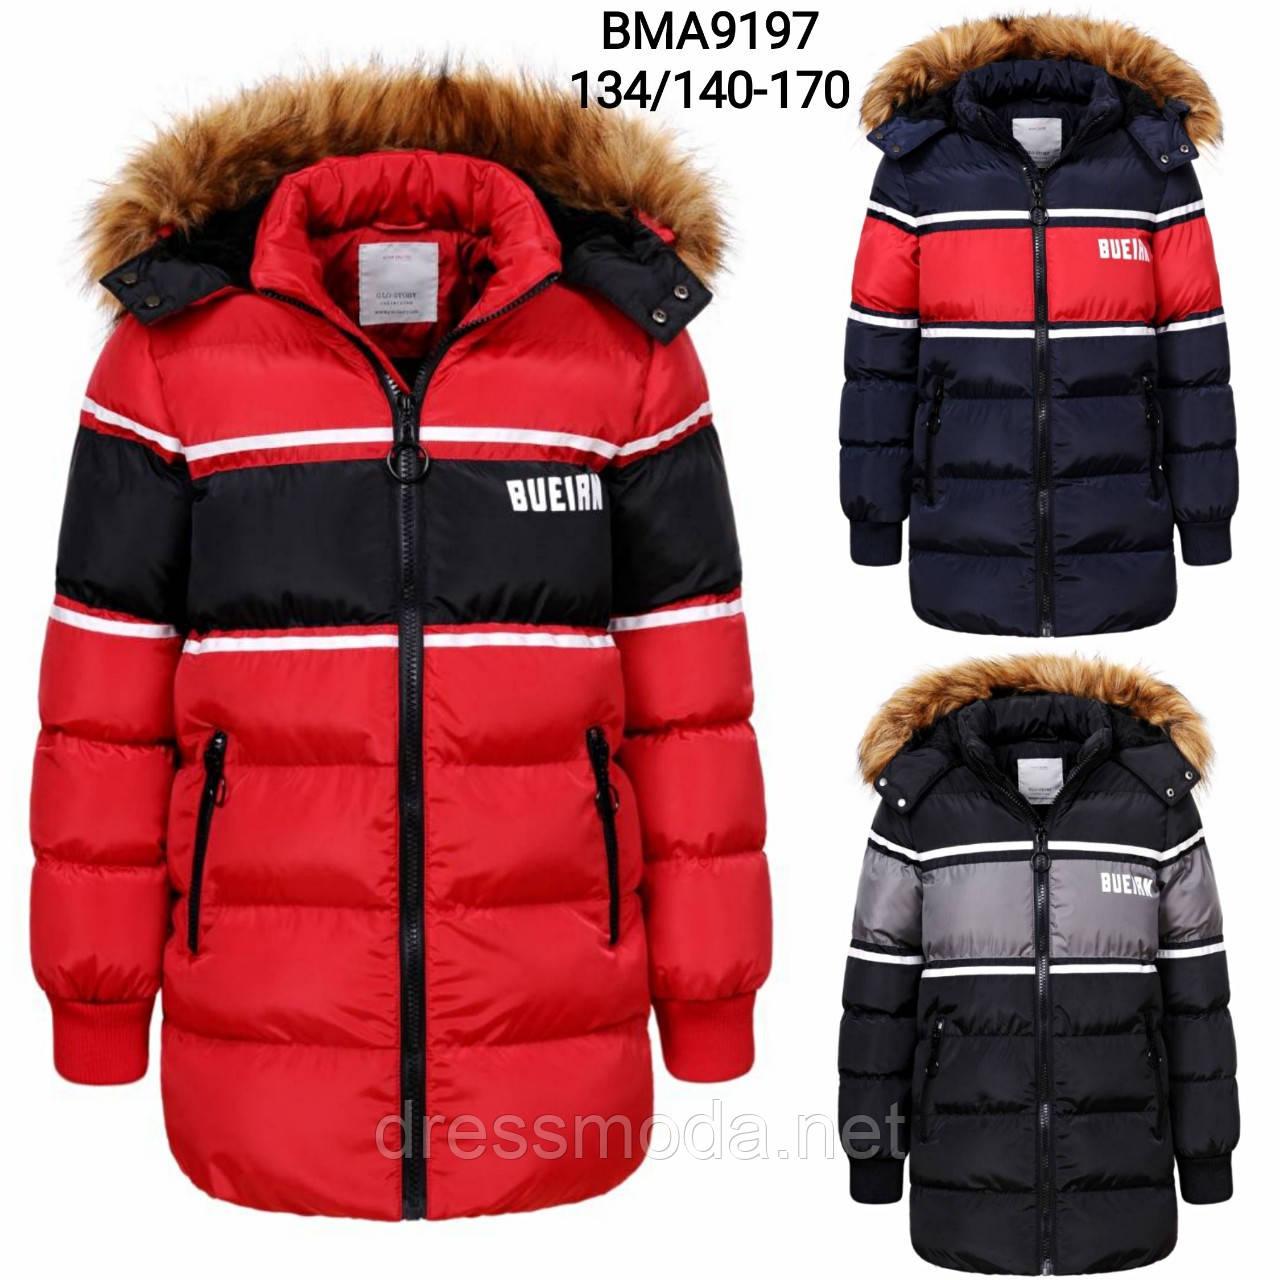 Зимняя куртка для мальчиков Glo-Story 134/140-170 р.р.